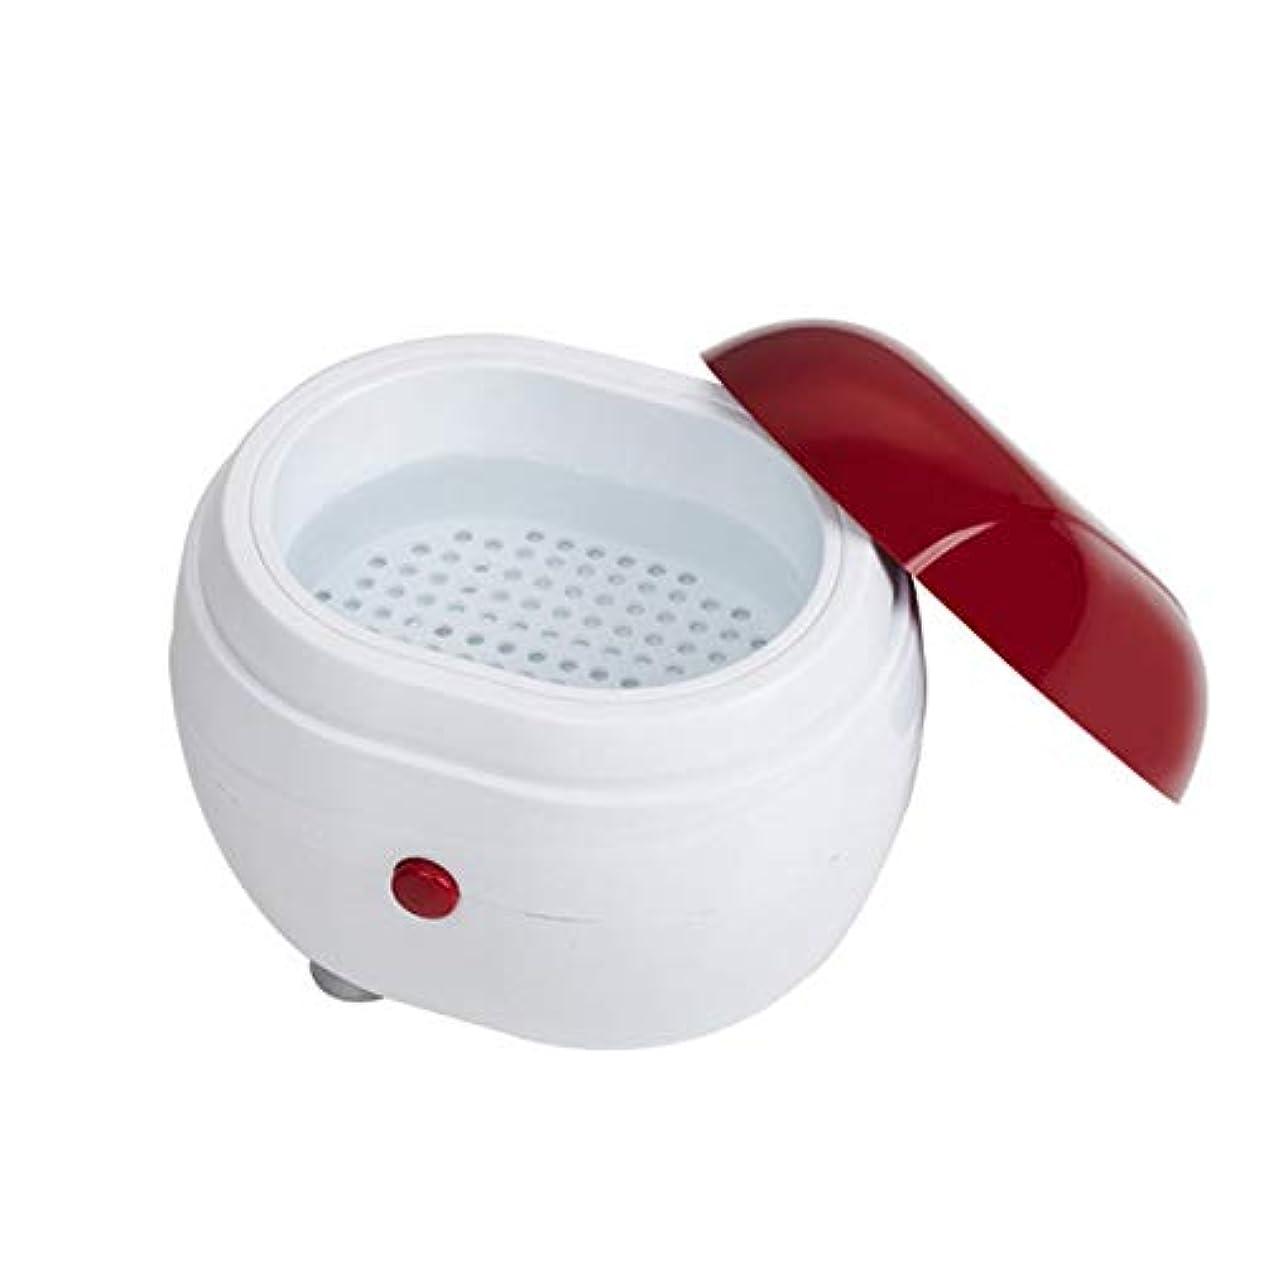 用心深い議題頭ポータブル超音波洗濯機家庭用ジュエリーレンズ時計入れ歯クリーニング機洗濯機クリーナークリーニングボックス - 赤&白